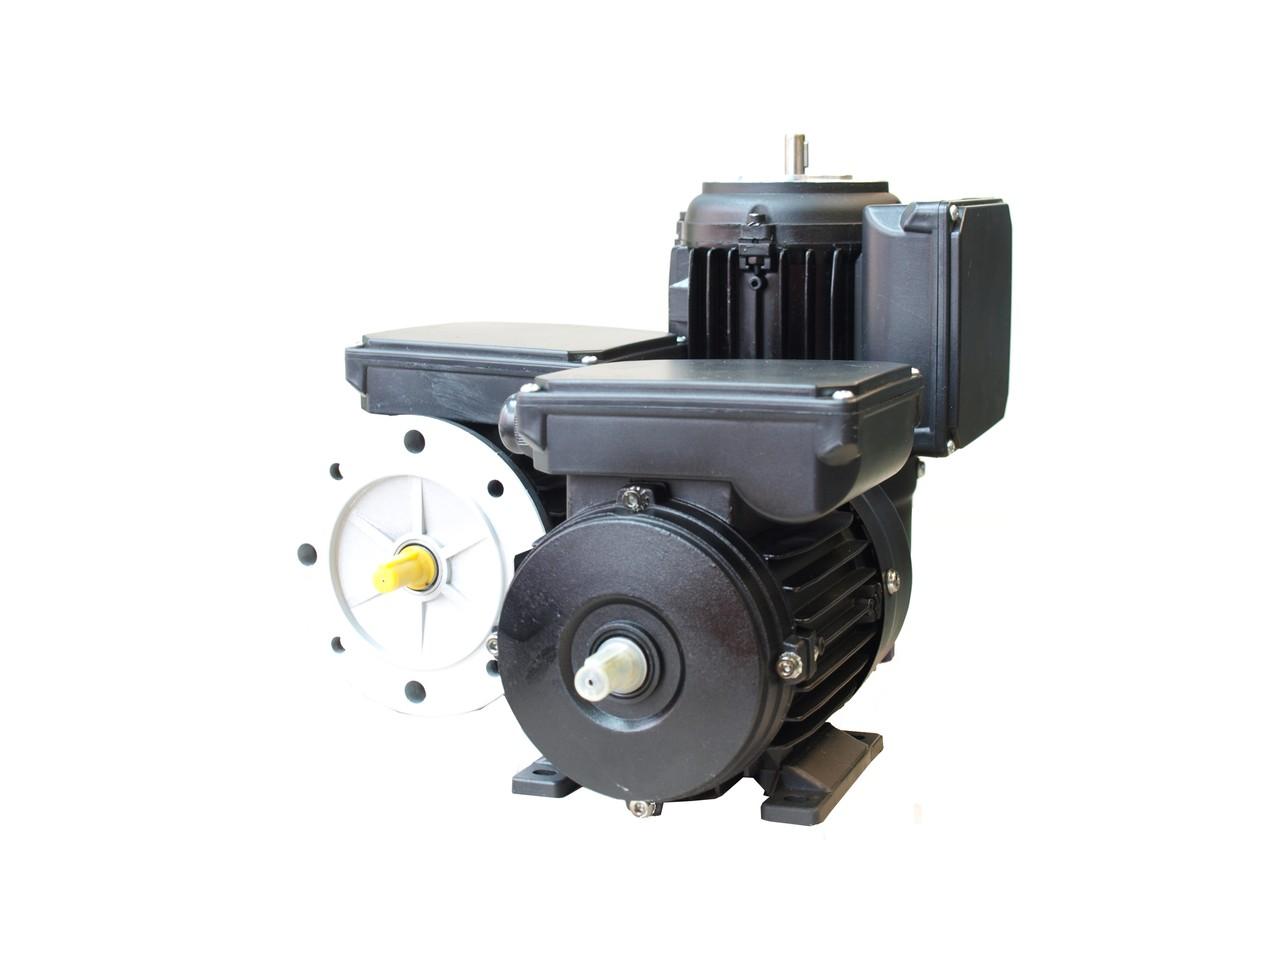 einphasenmotoren vergleichsliste kondensatoren unbekannte daten elektromotor von aq pluss motoren. Black Bedroom Furniture Sets. Home Design Ideas